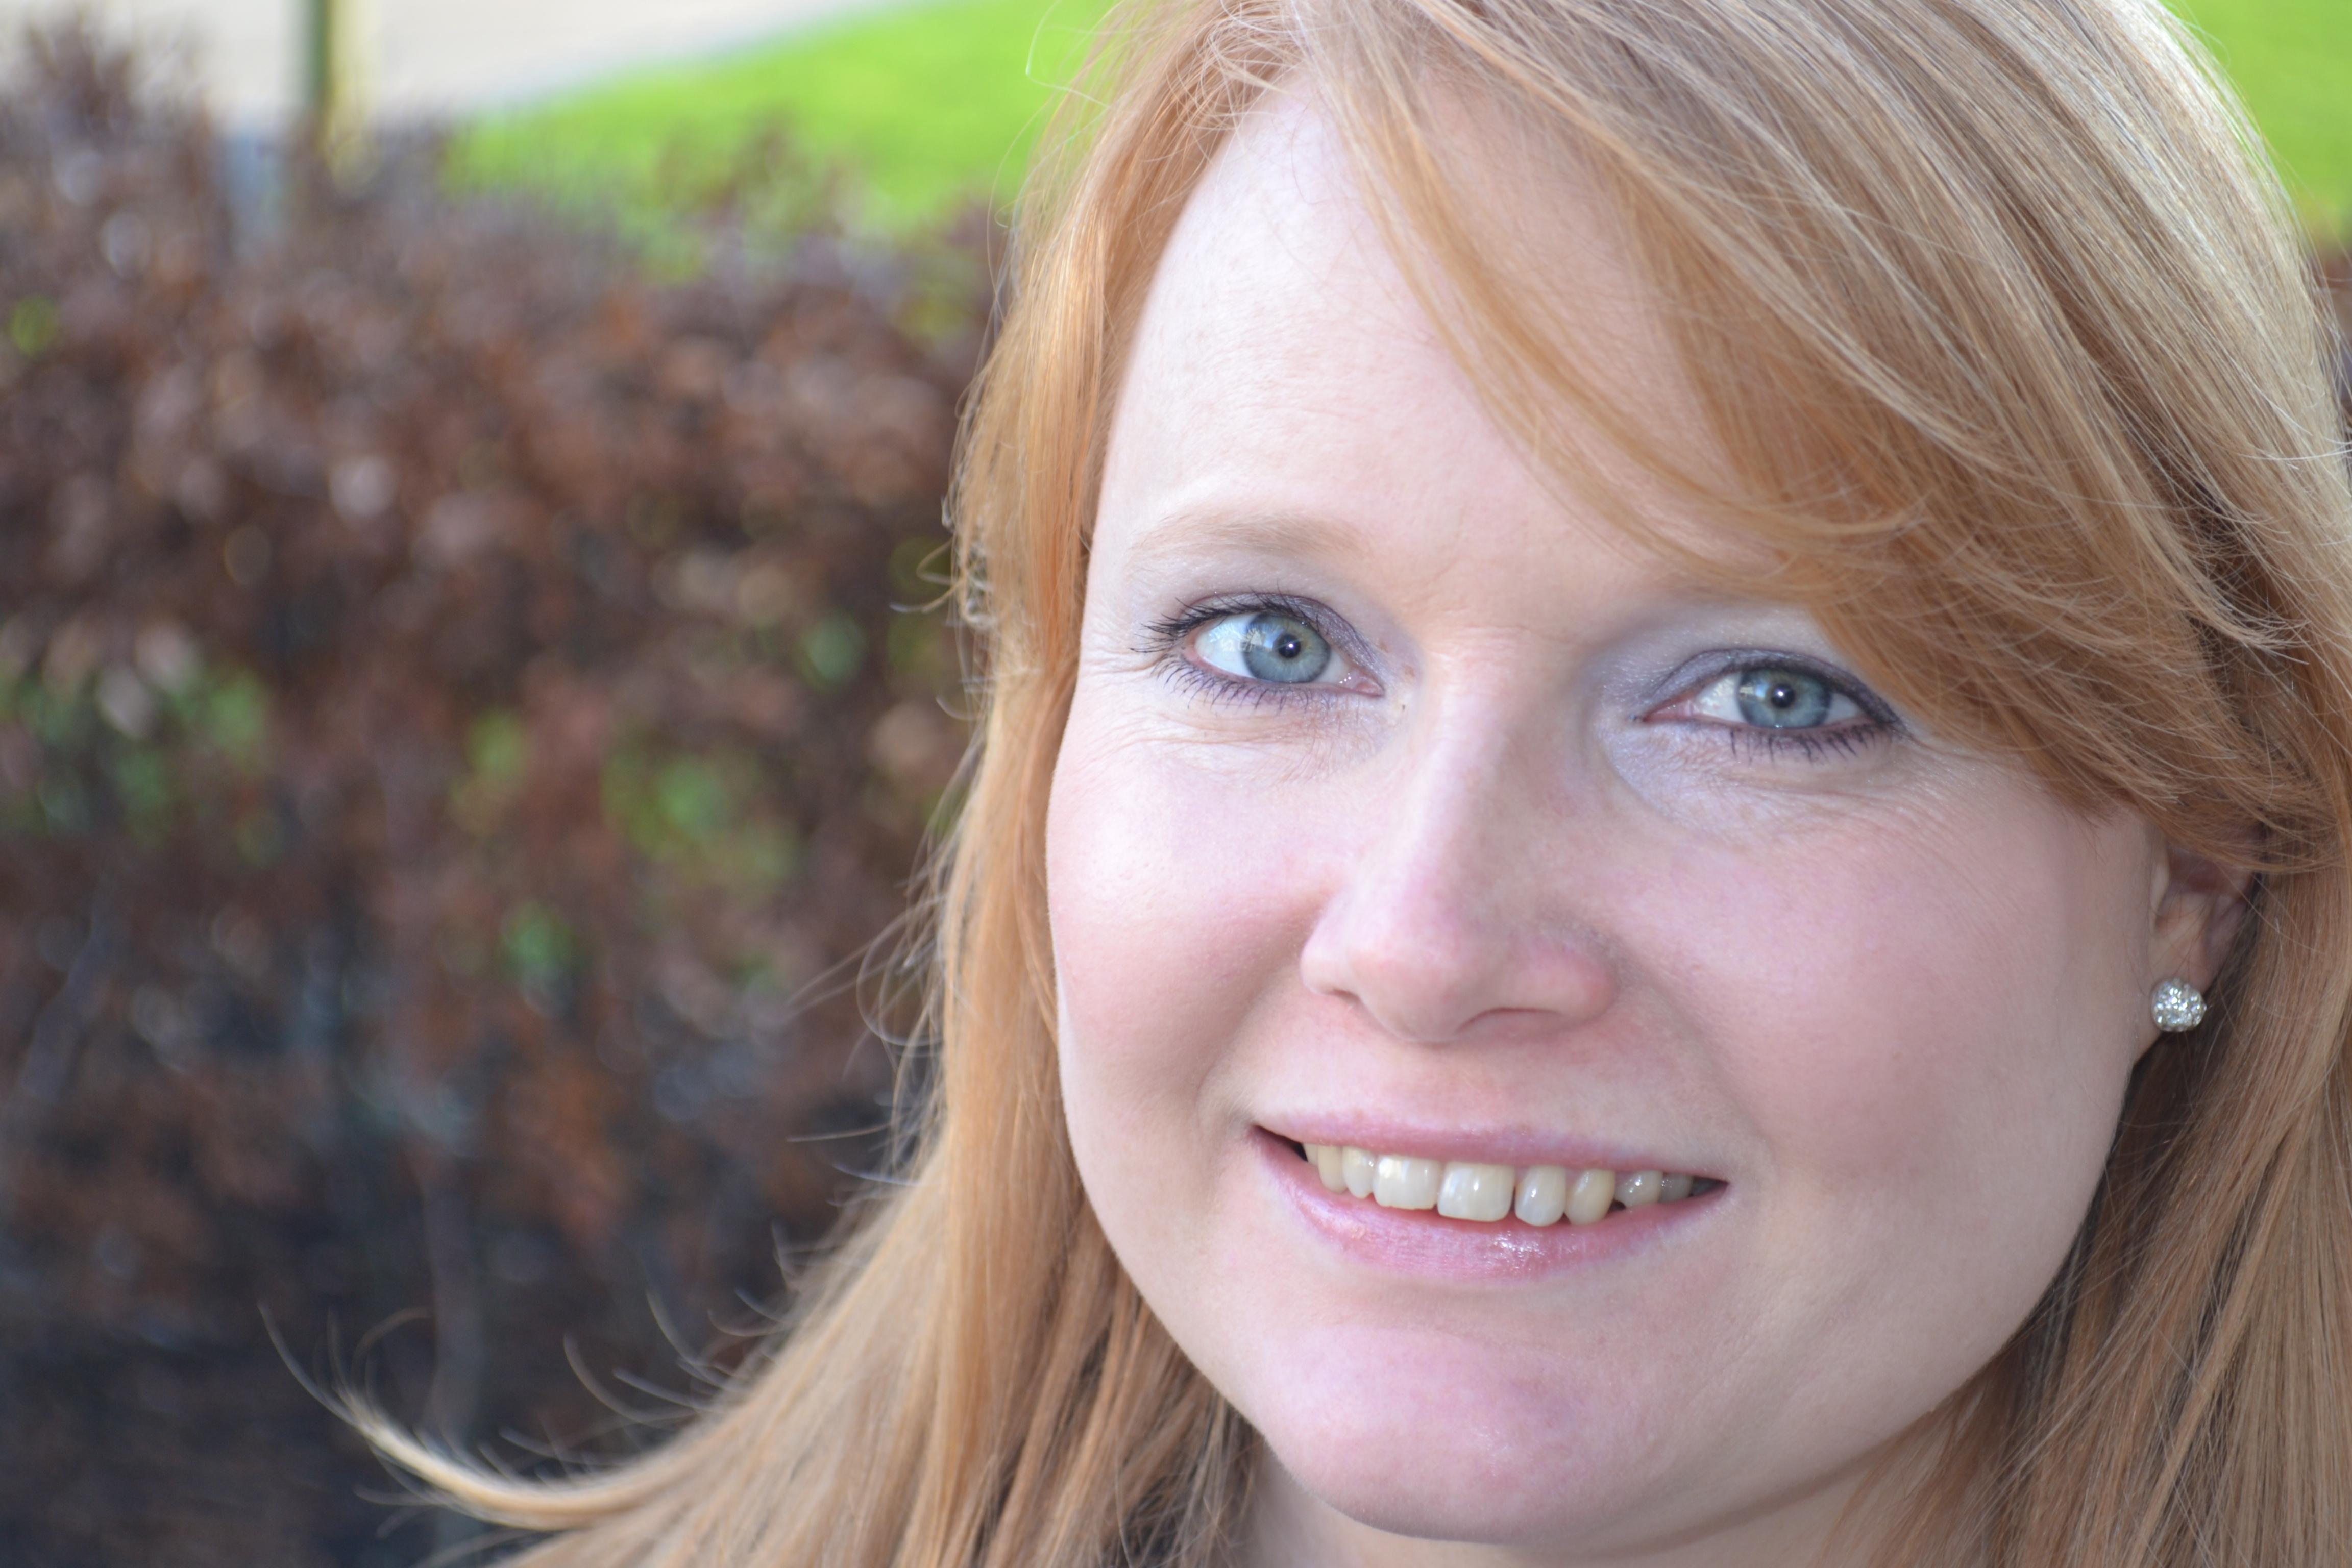 Claire Malton